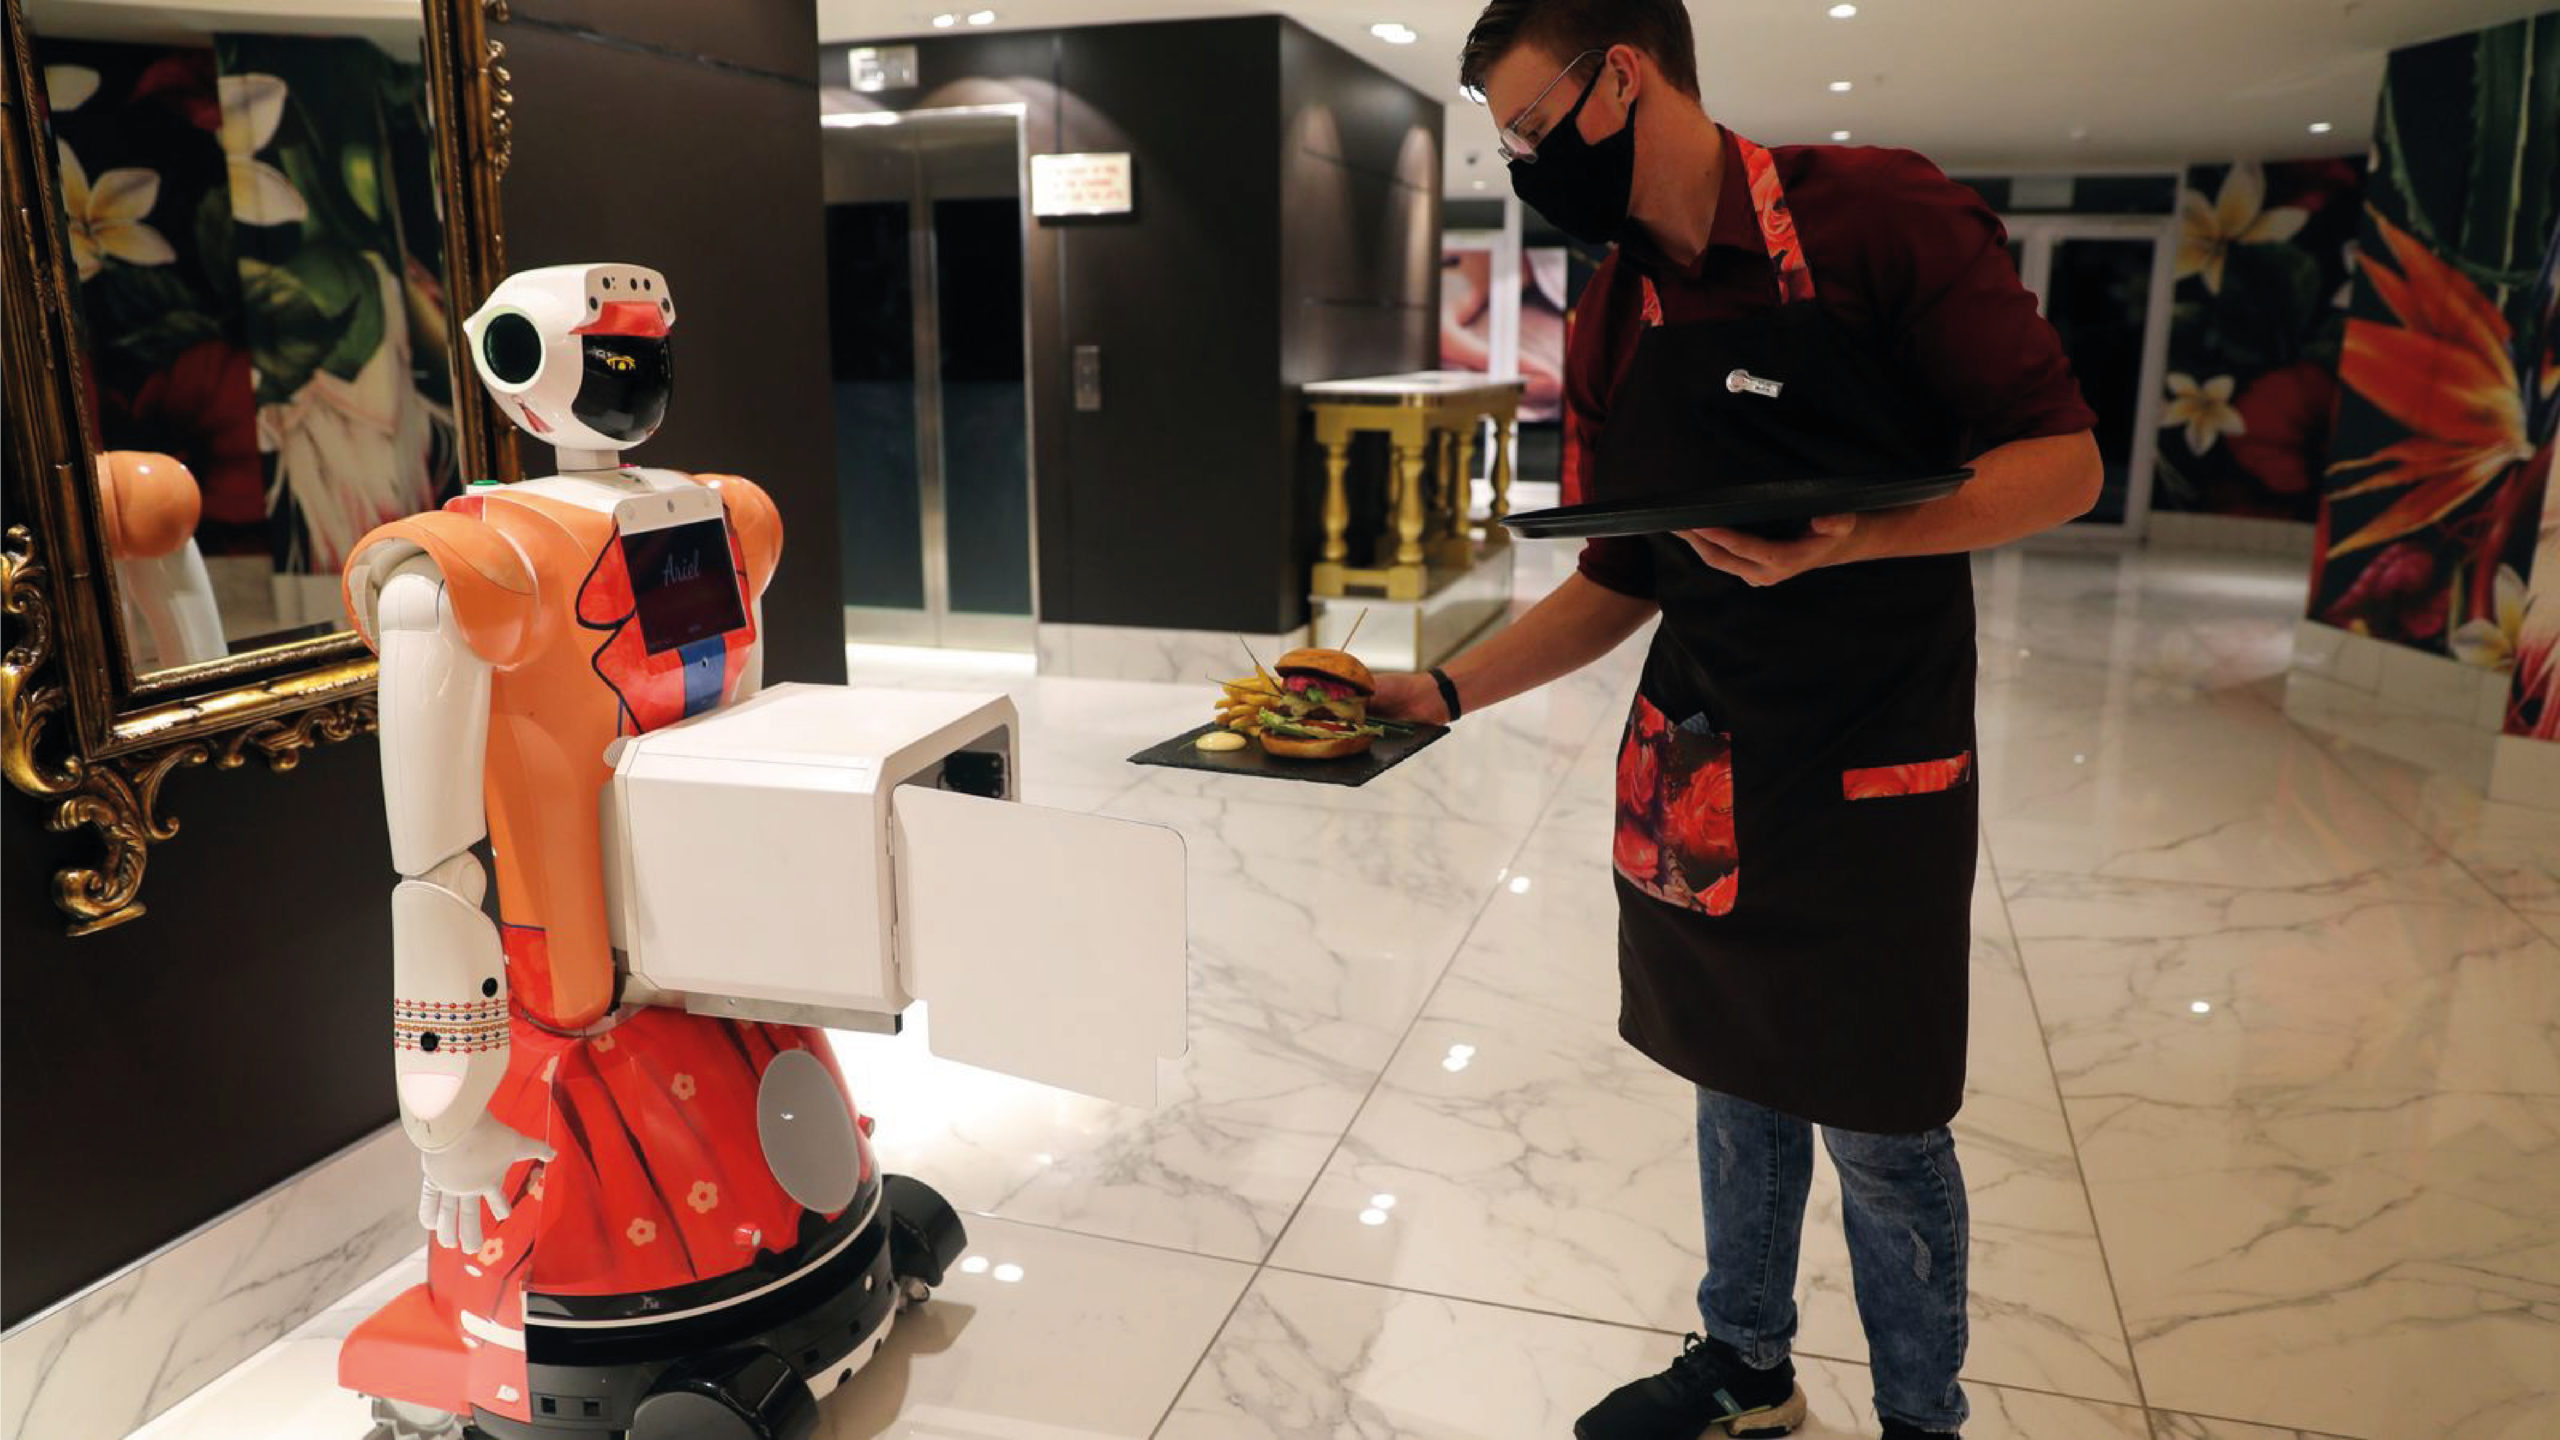 Hotel sudafricano recurre a robots en tiempos de pandemia